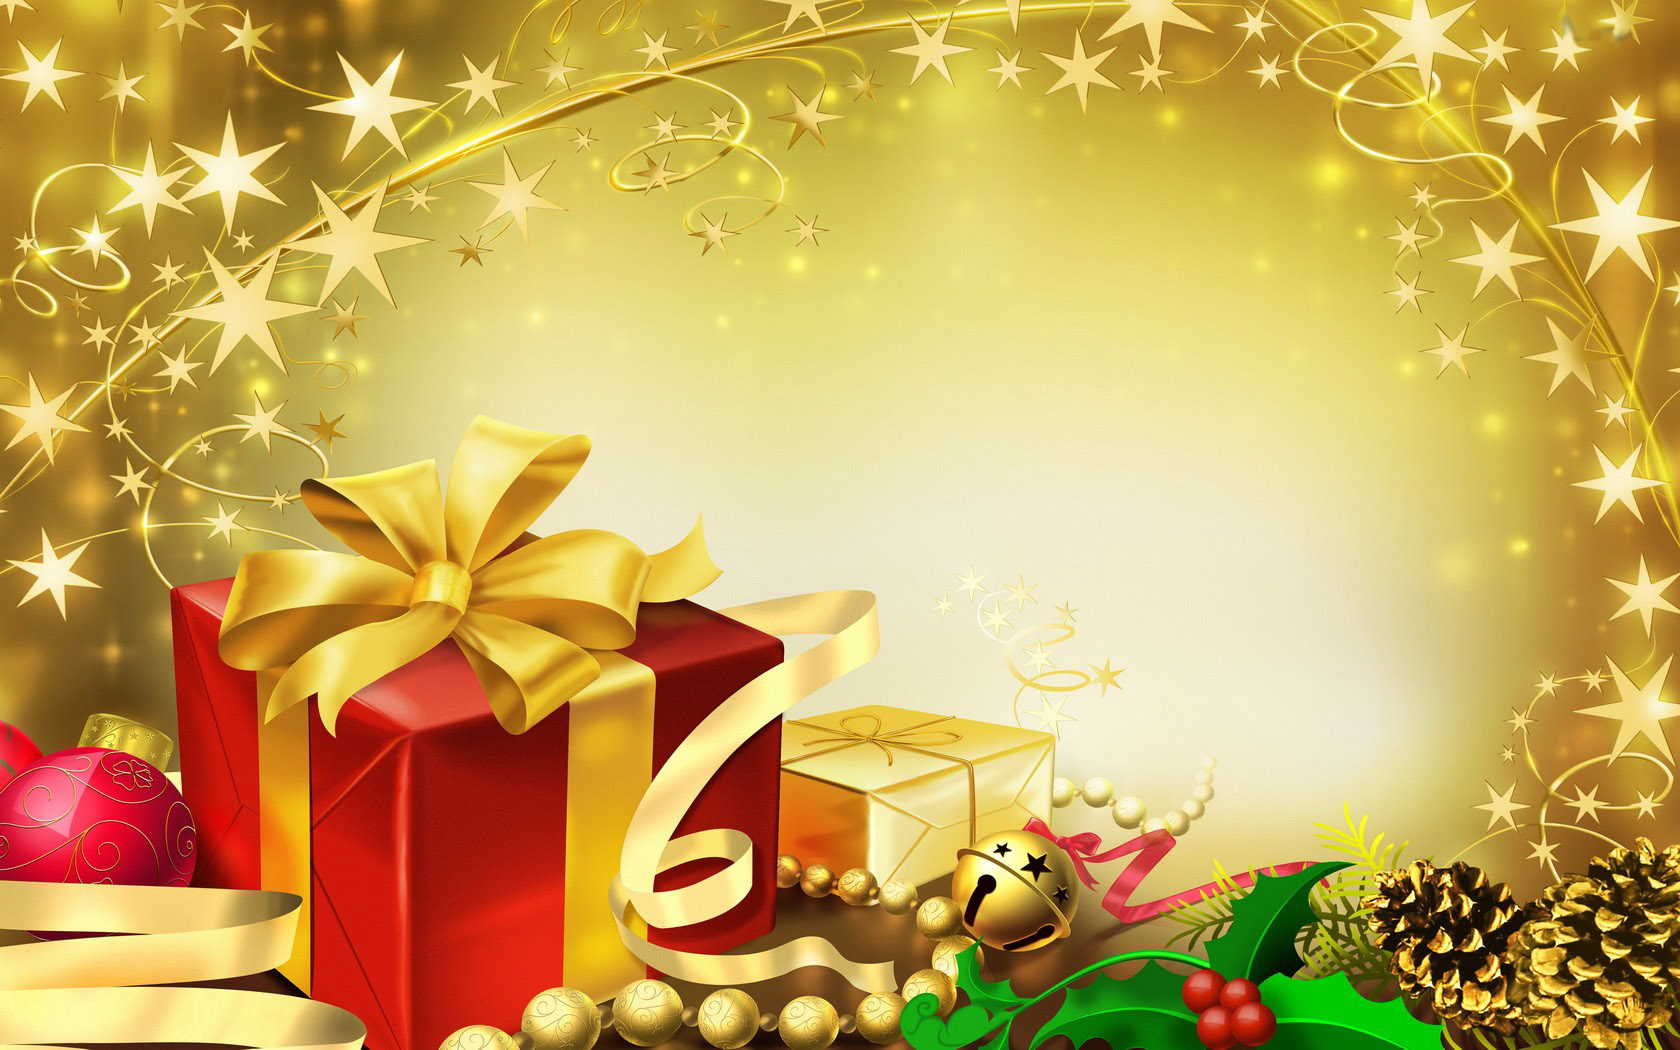 kerstcadeau-bewegende-animatie-0032